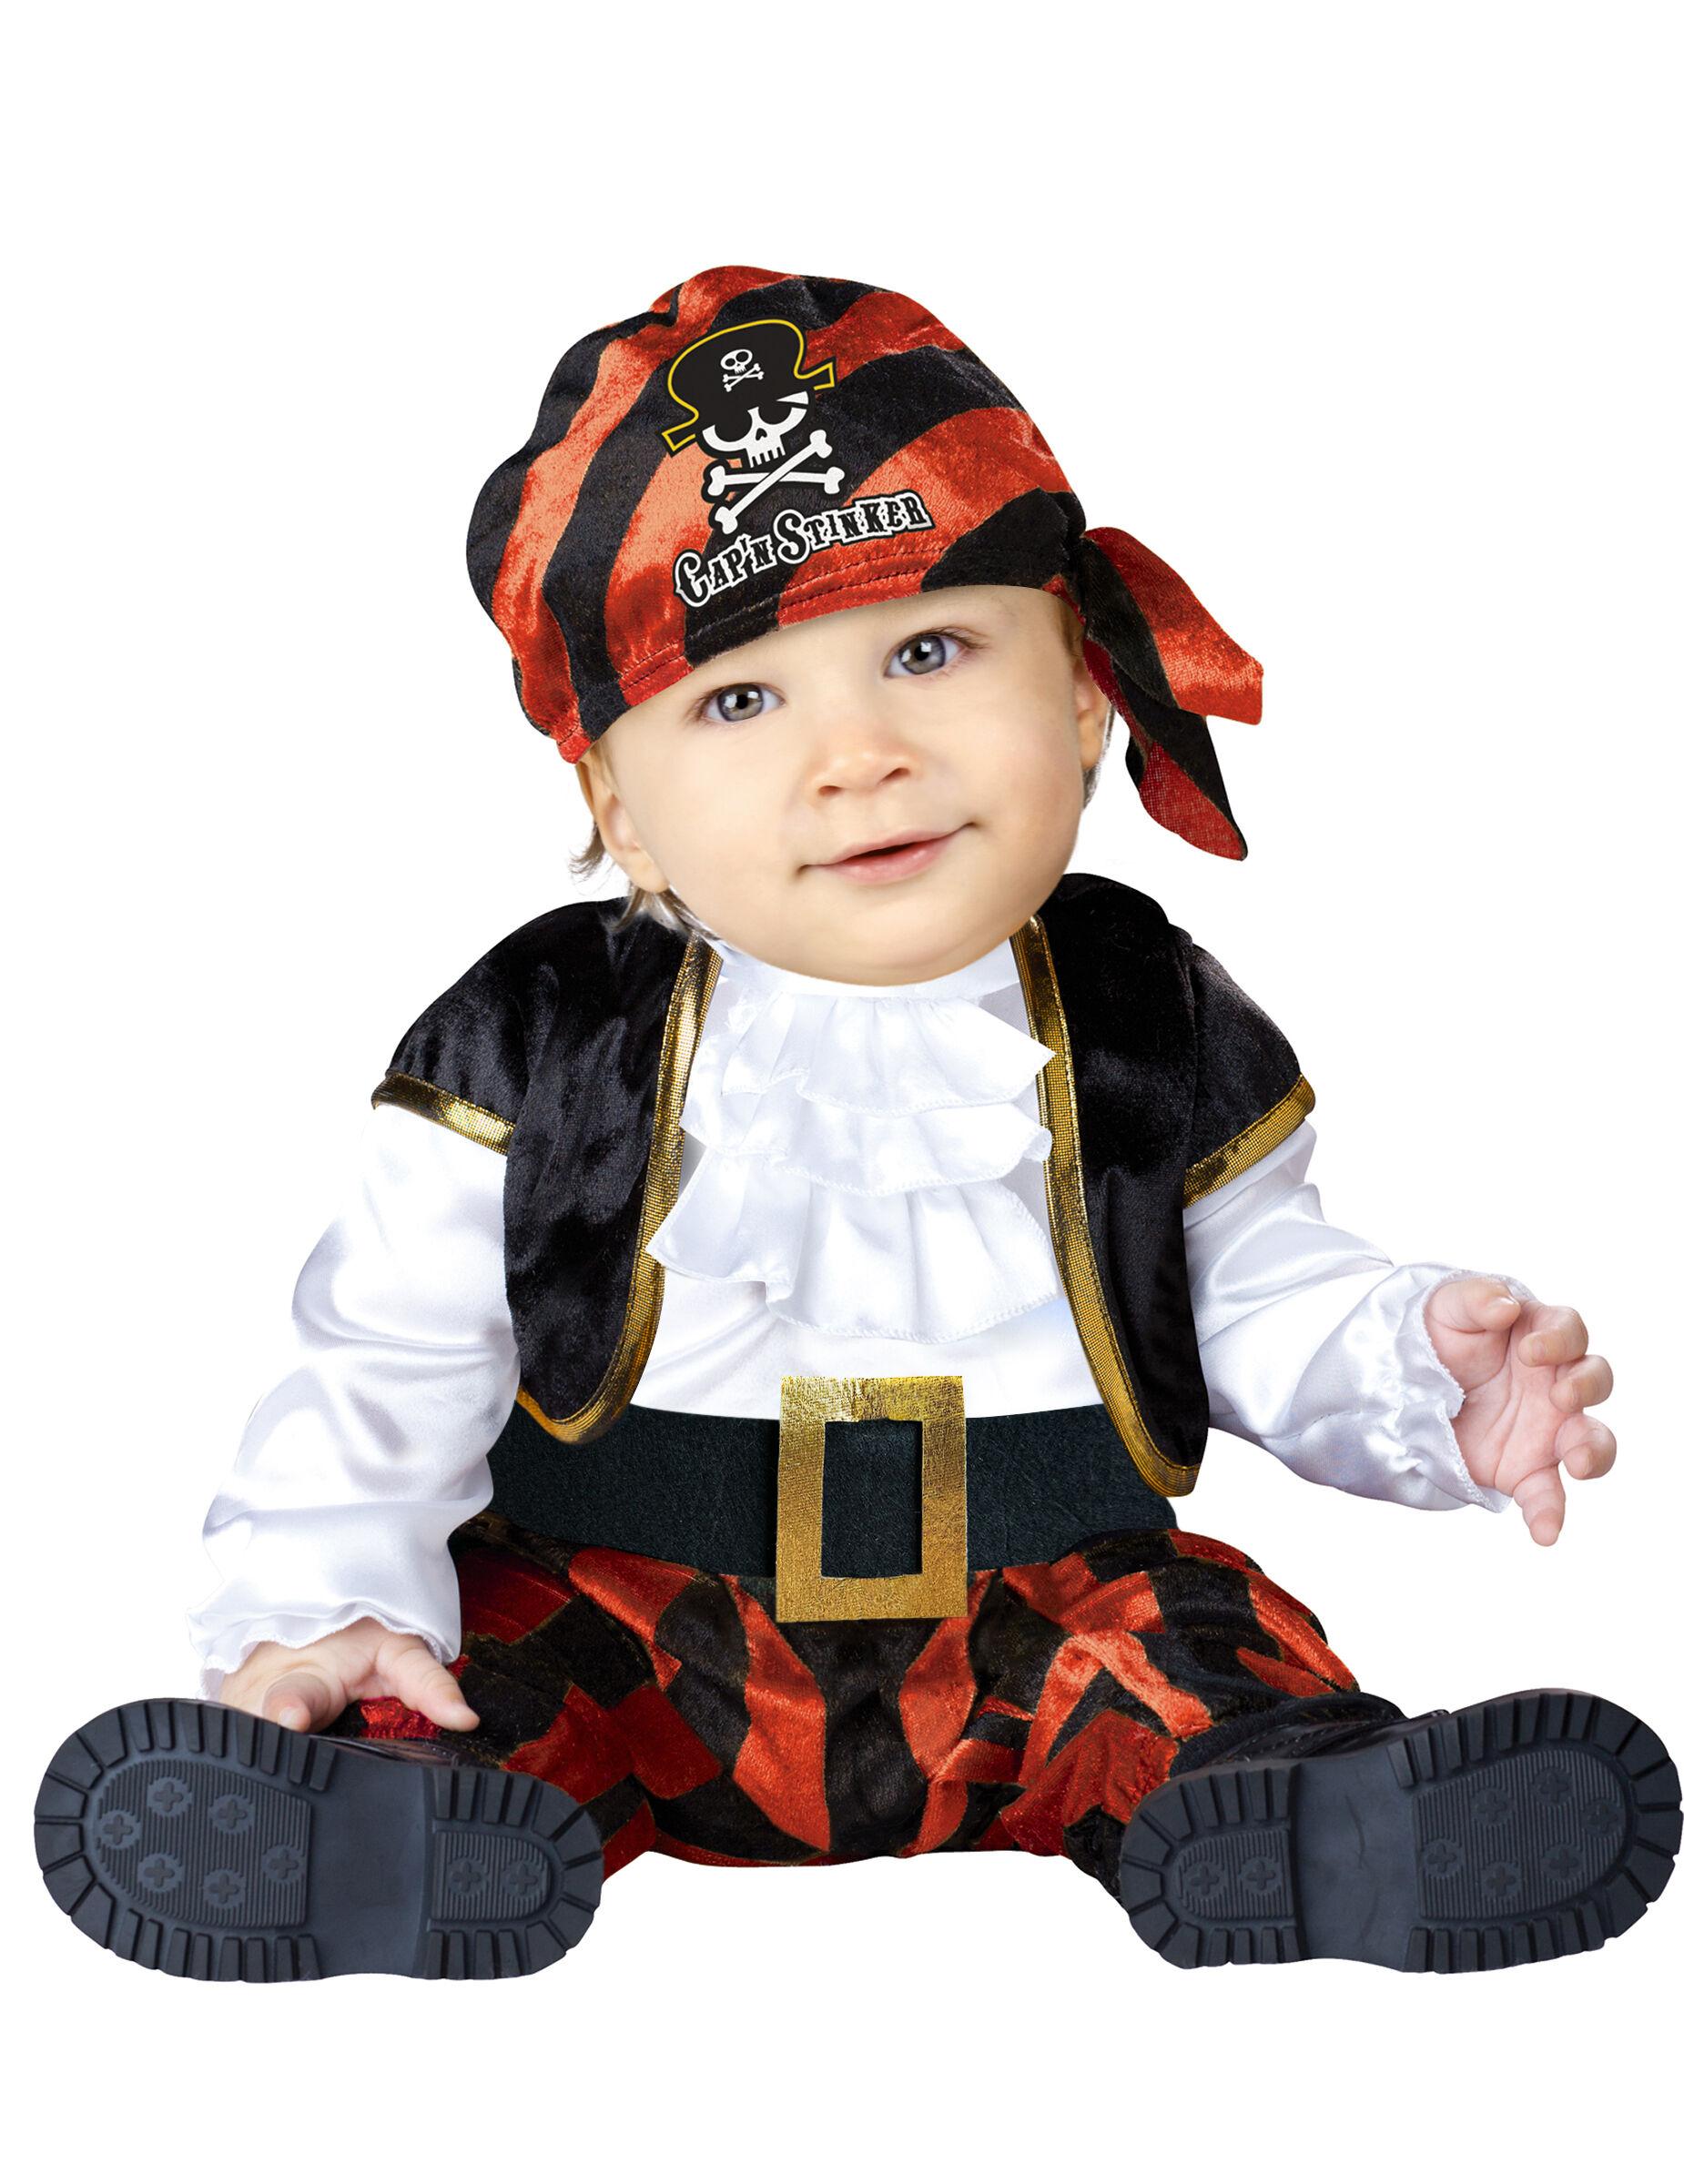 Deguisetoi Déguisement Pirate pour bébé - Classique - Taille: 18-24 mois (84-89 cm)